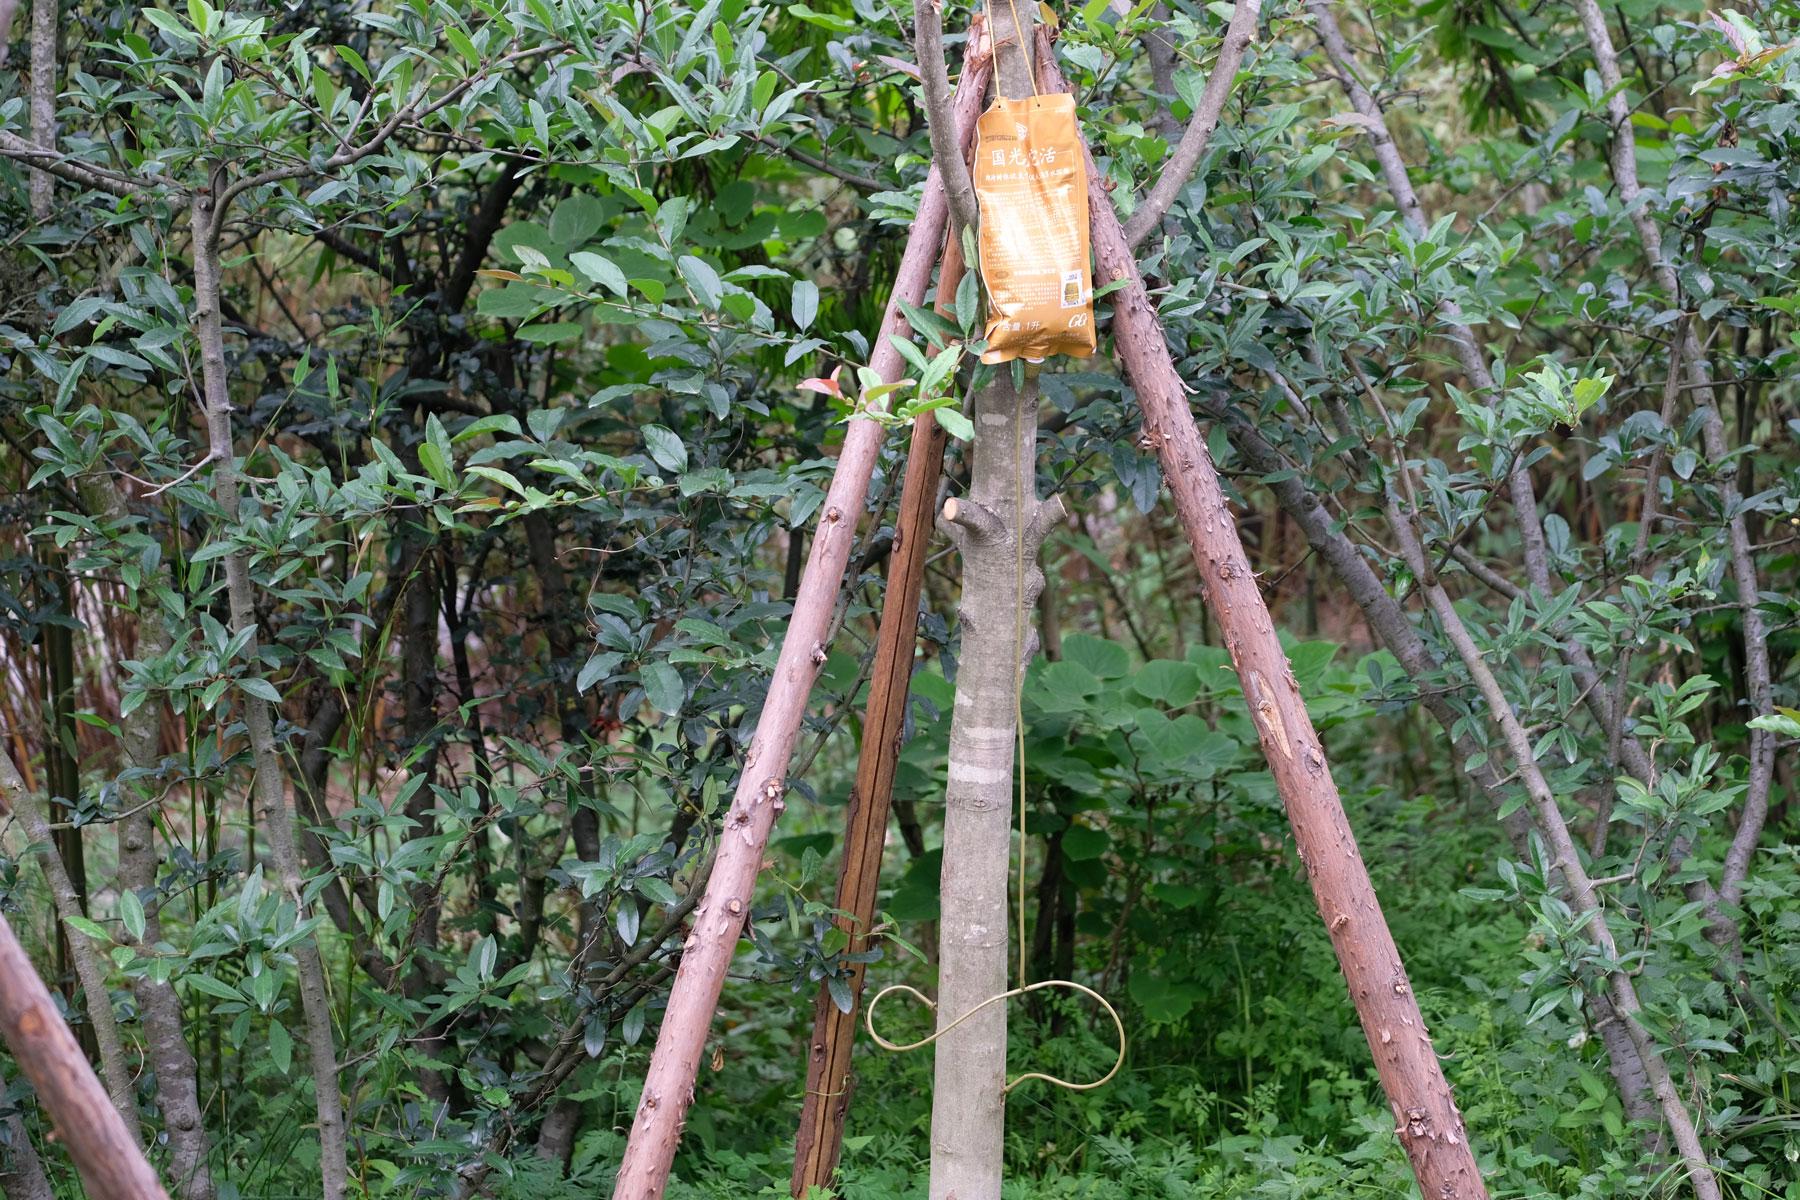 Ein Baum, an dem eine Infusionsflasche befestigt ist.